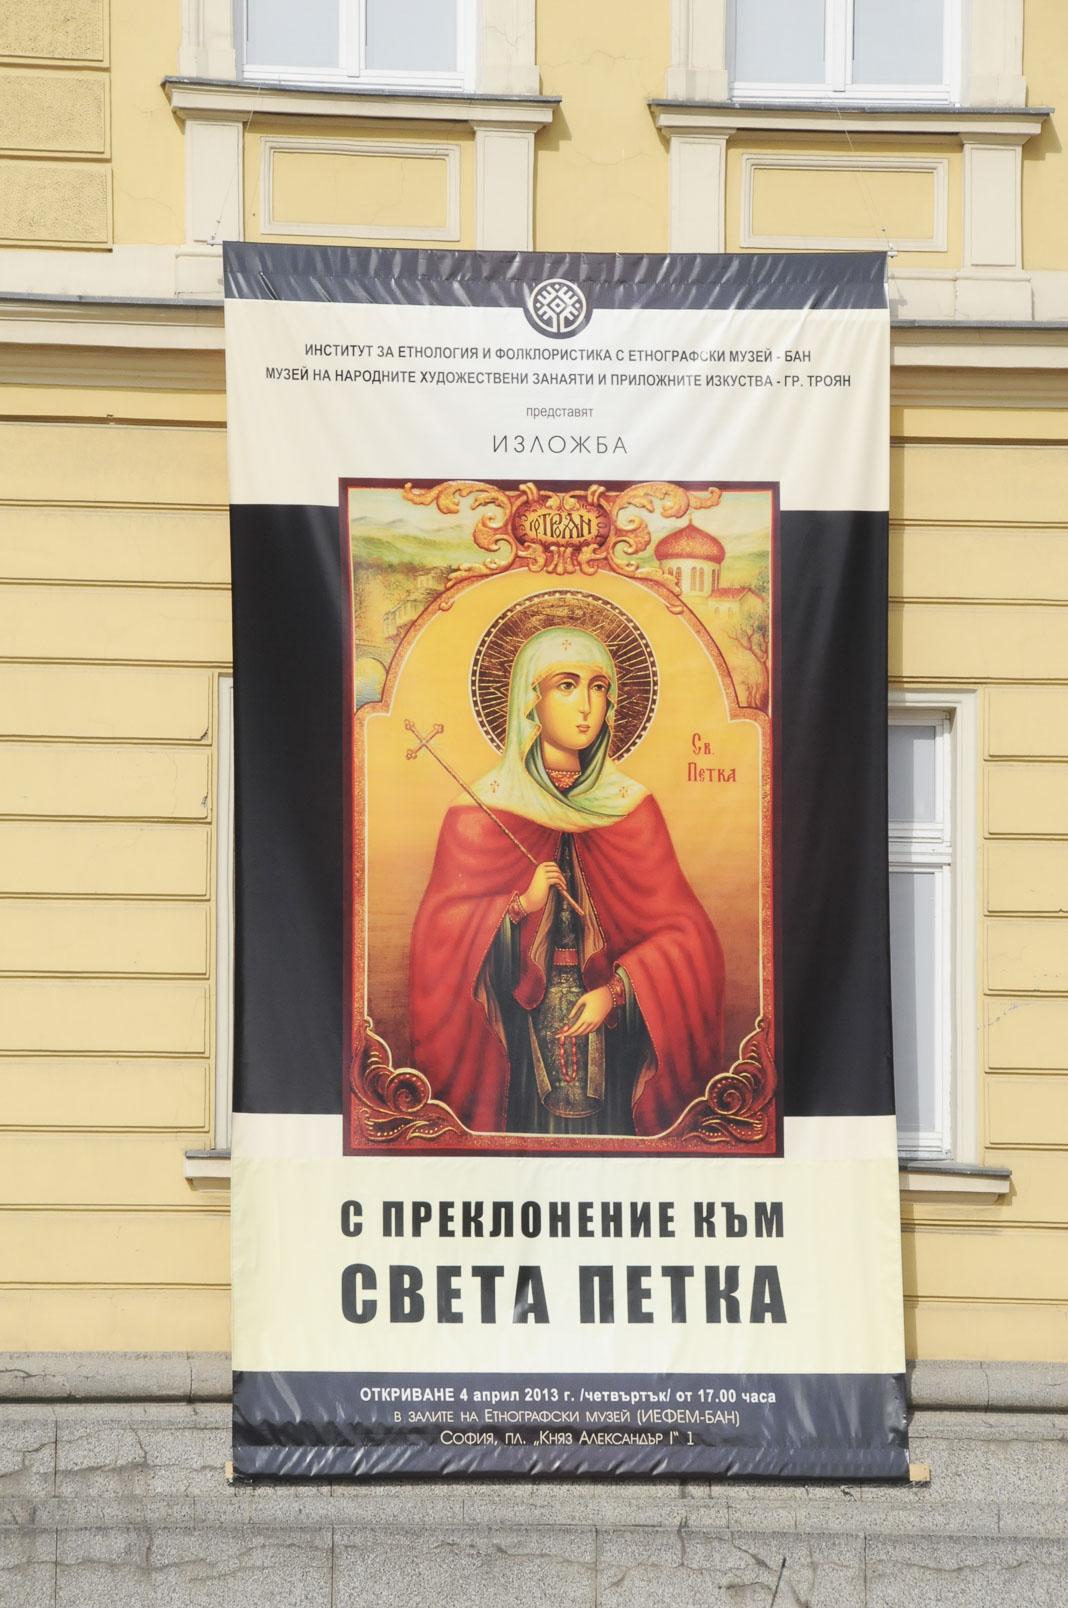 troyan-museum-sveta-petka-2